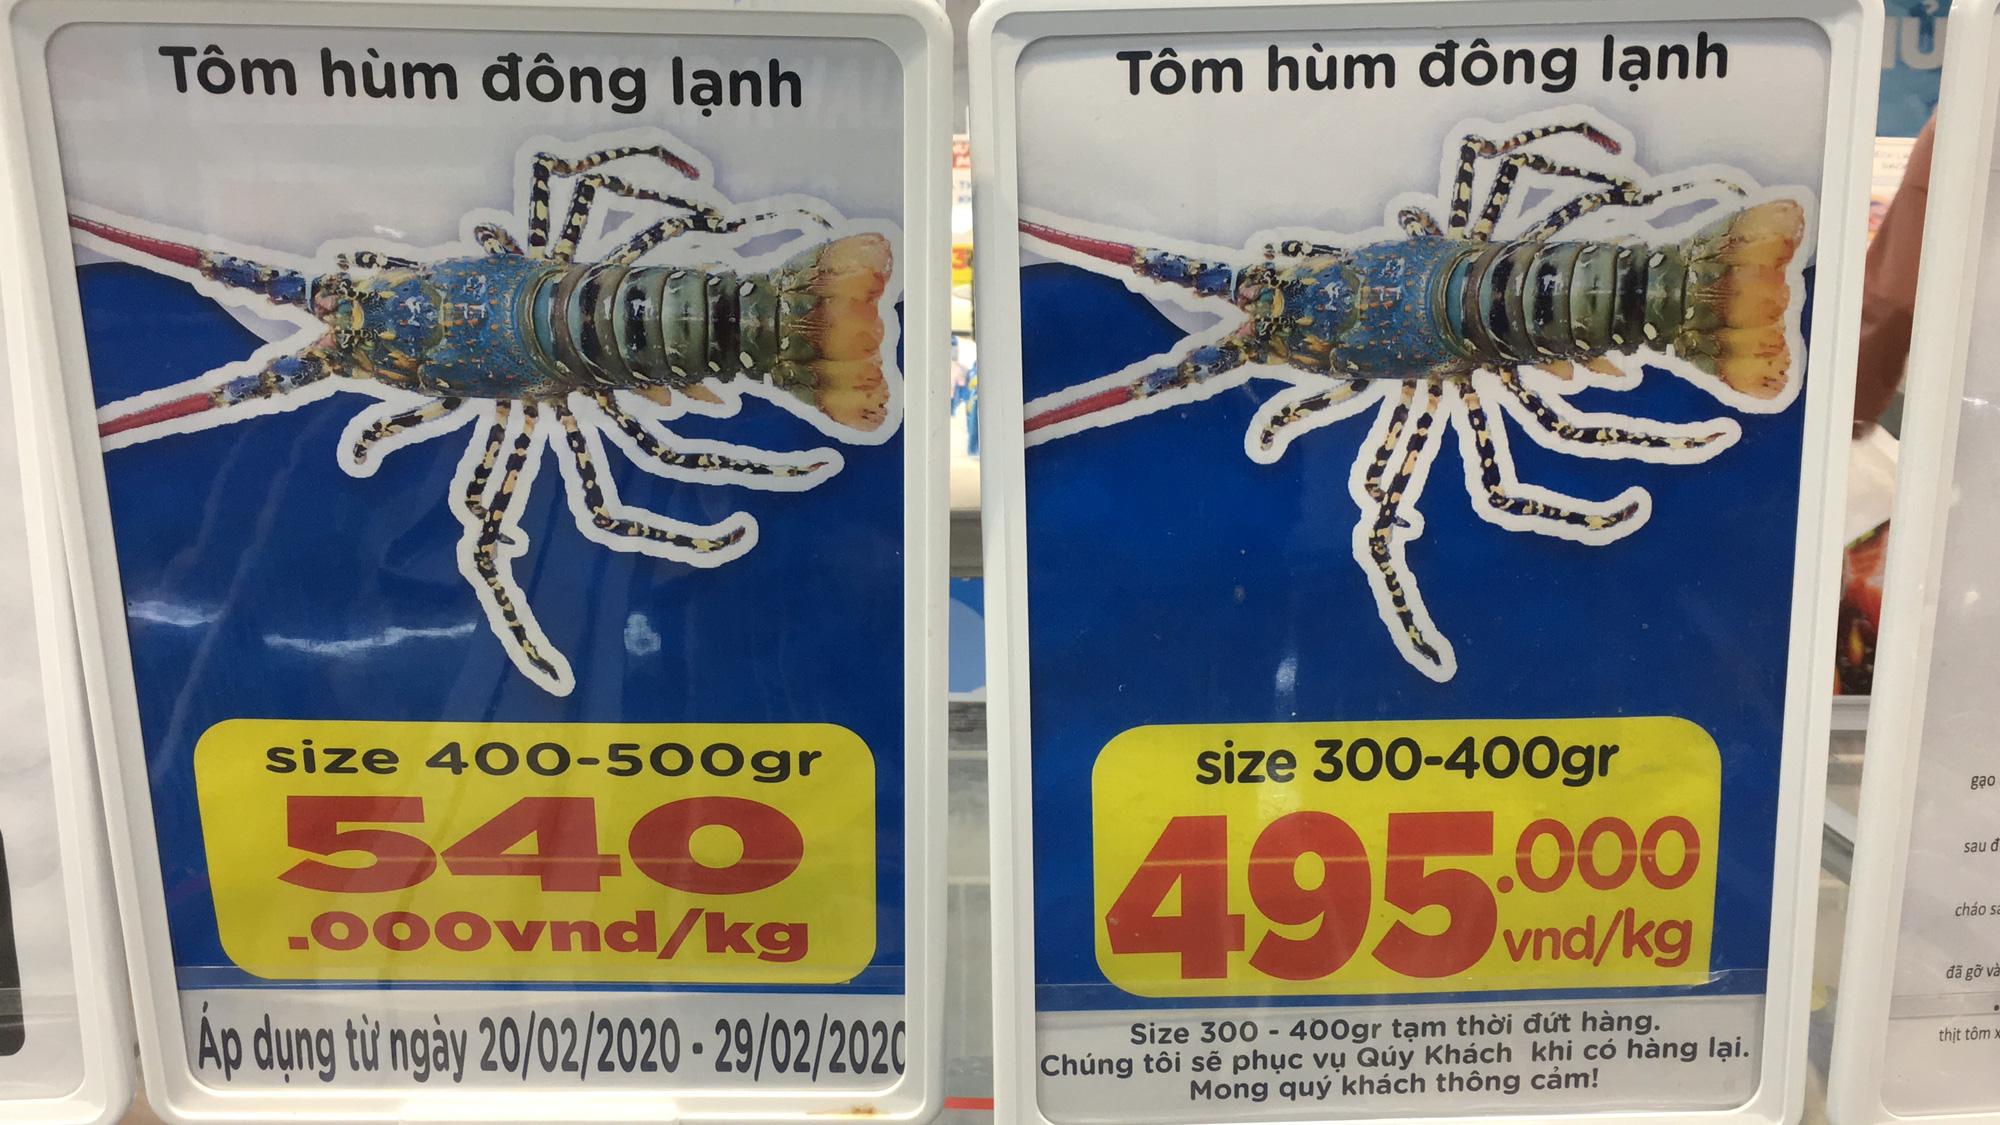 Giải cứu tôm hùm ở Đà Nẵng: Sức mua nhẹ, người dân muốn mua loại còn sống nhưng chỉ có hàng đông lạnh - Ảnh 3.